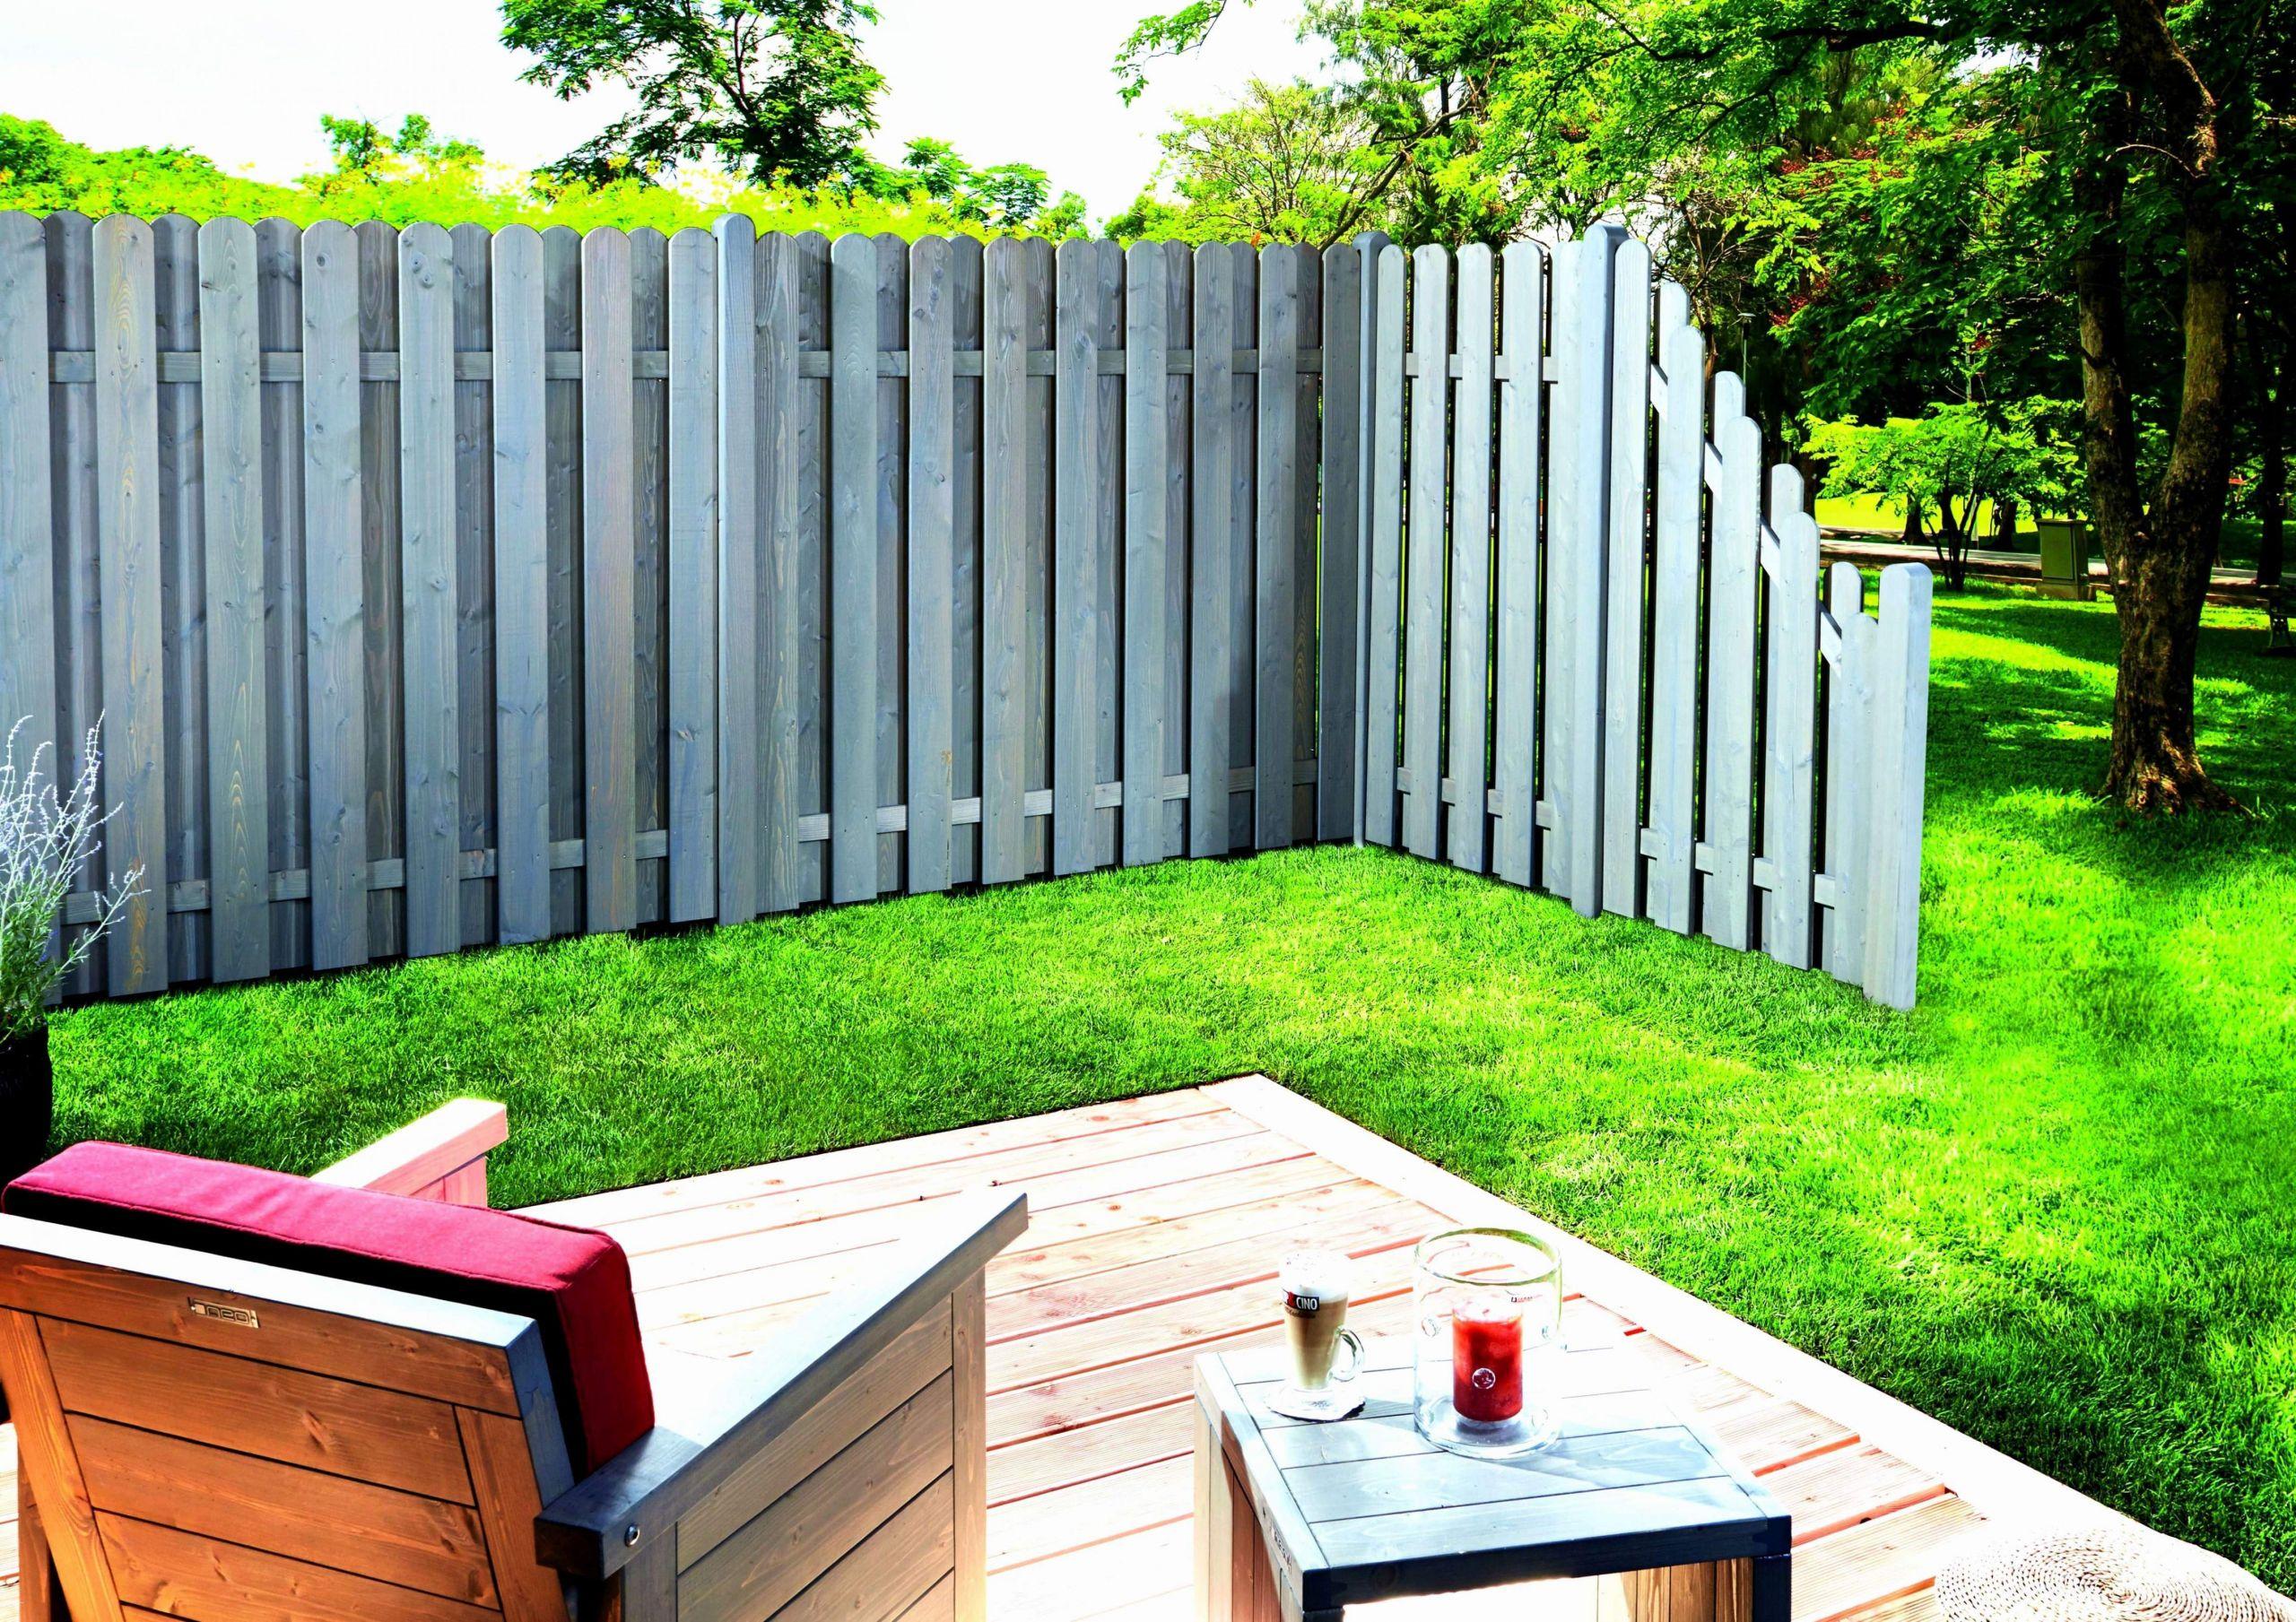 Sichtschutz Für Den Garten Das Beste Von Grüner Sichtschutz Im Garten — Temobardz Home Blog